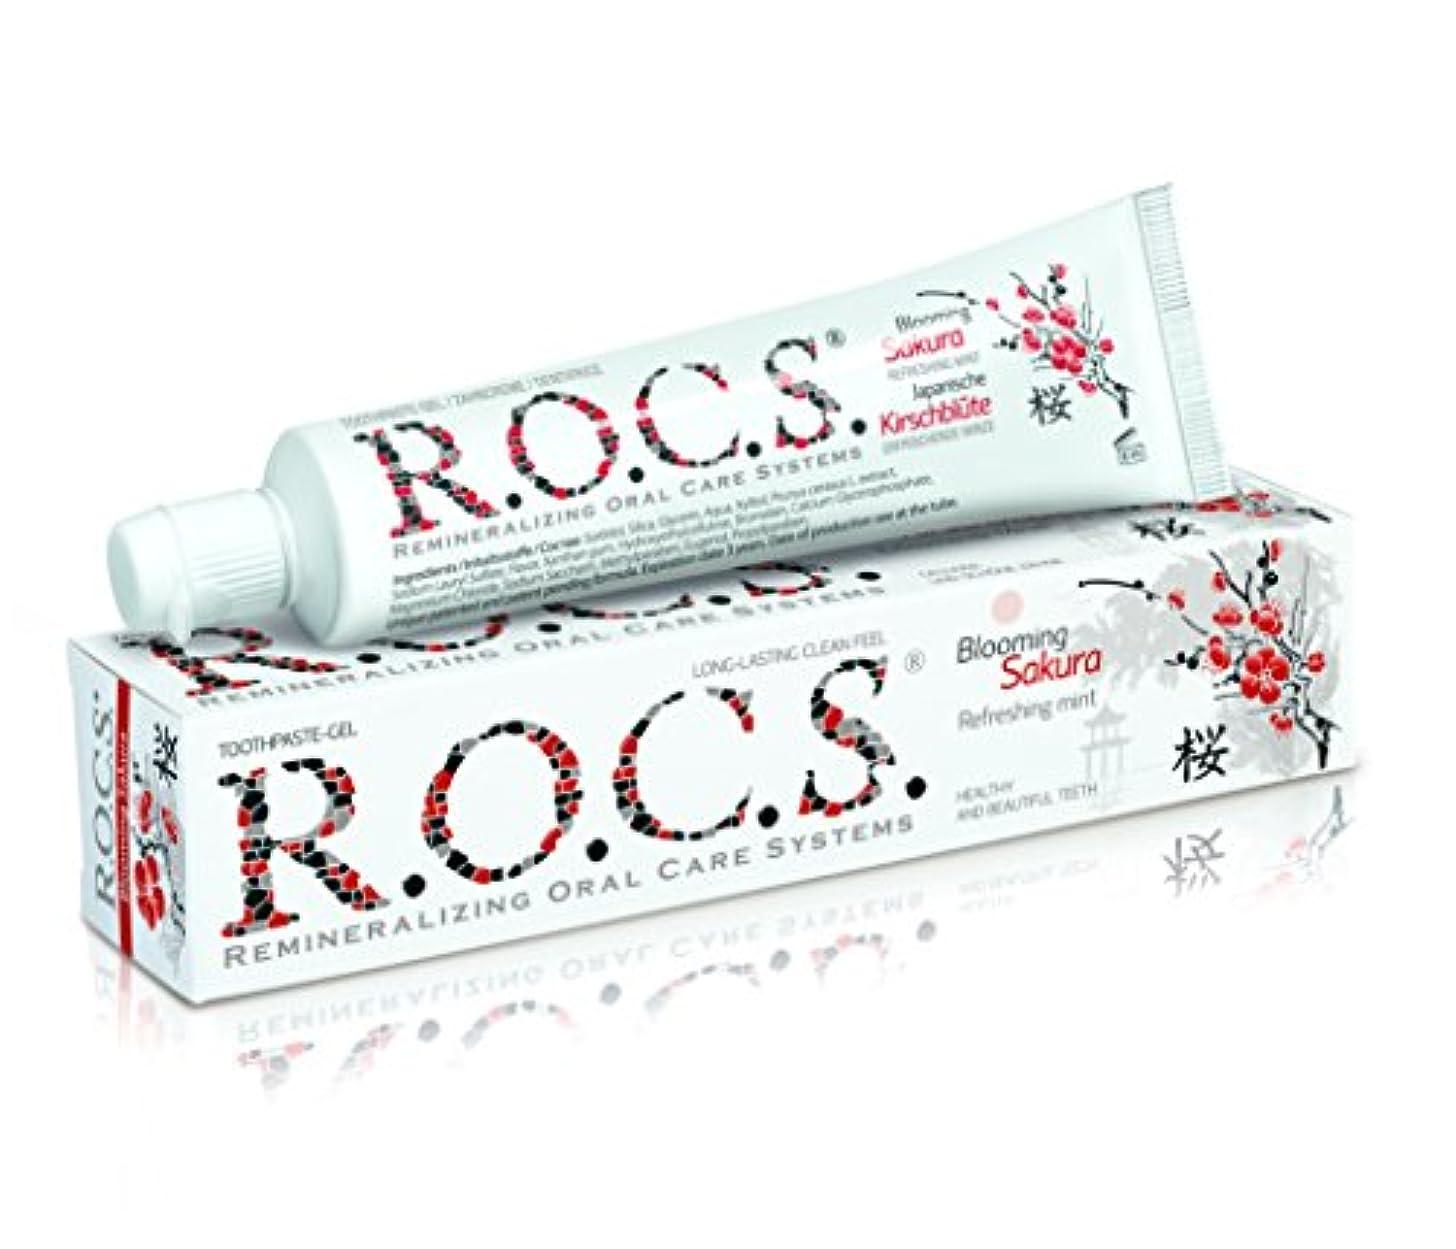 彫刻支援動機付けるR.O.C.S. ロックス歯磨き粉 ブルーミング サクラ